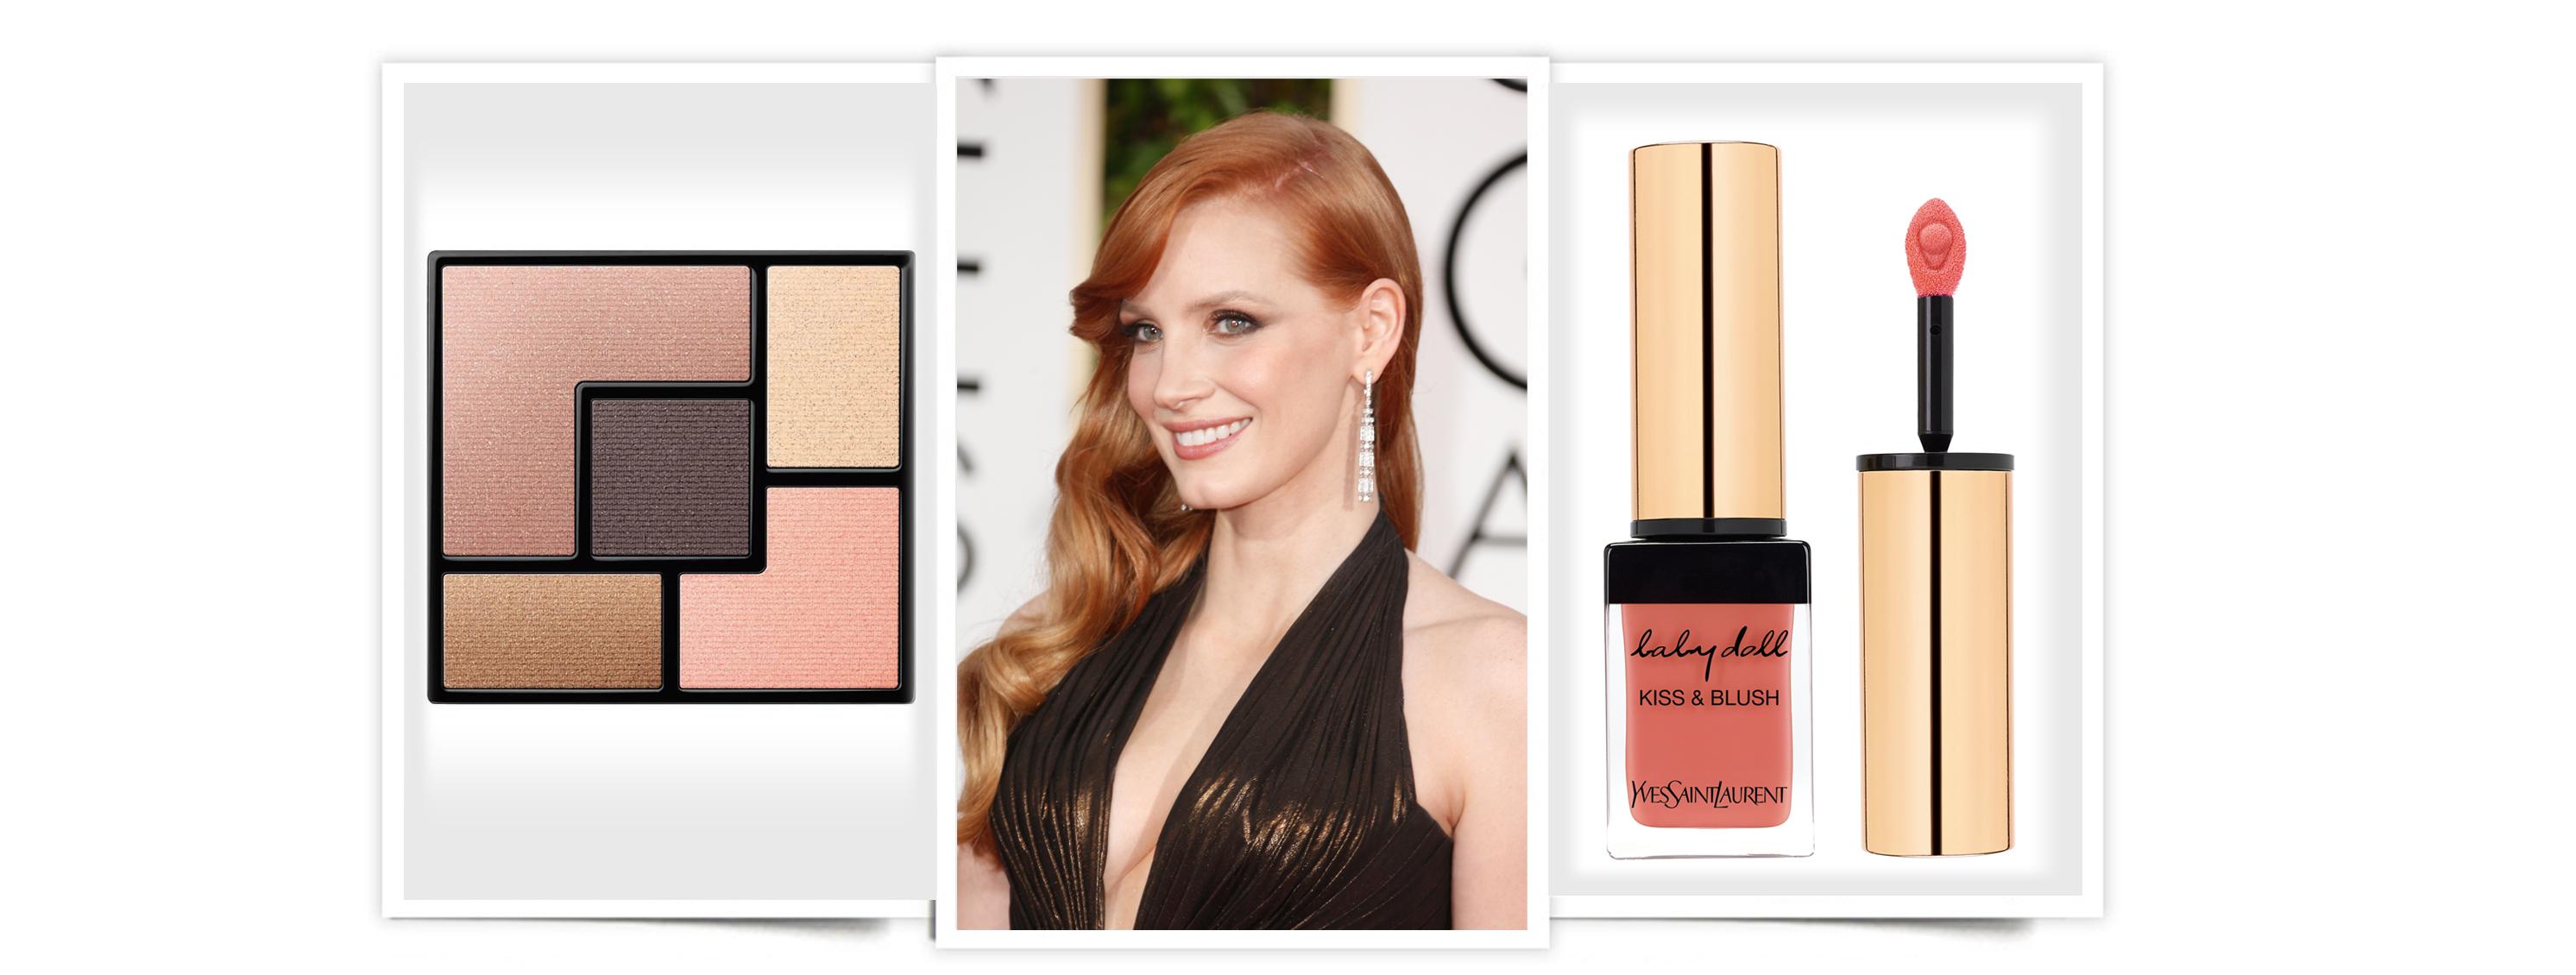 YSL maquillaje Jessica Chastain en los Globos de Oro